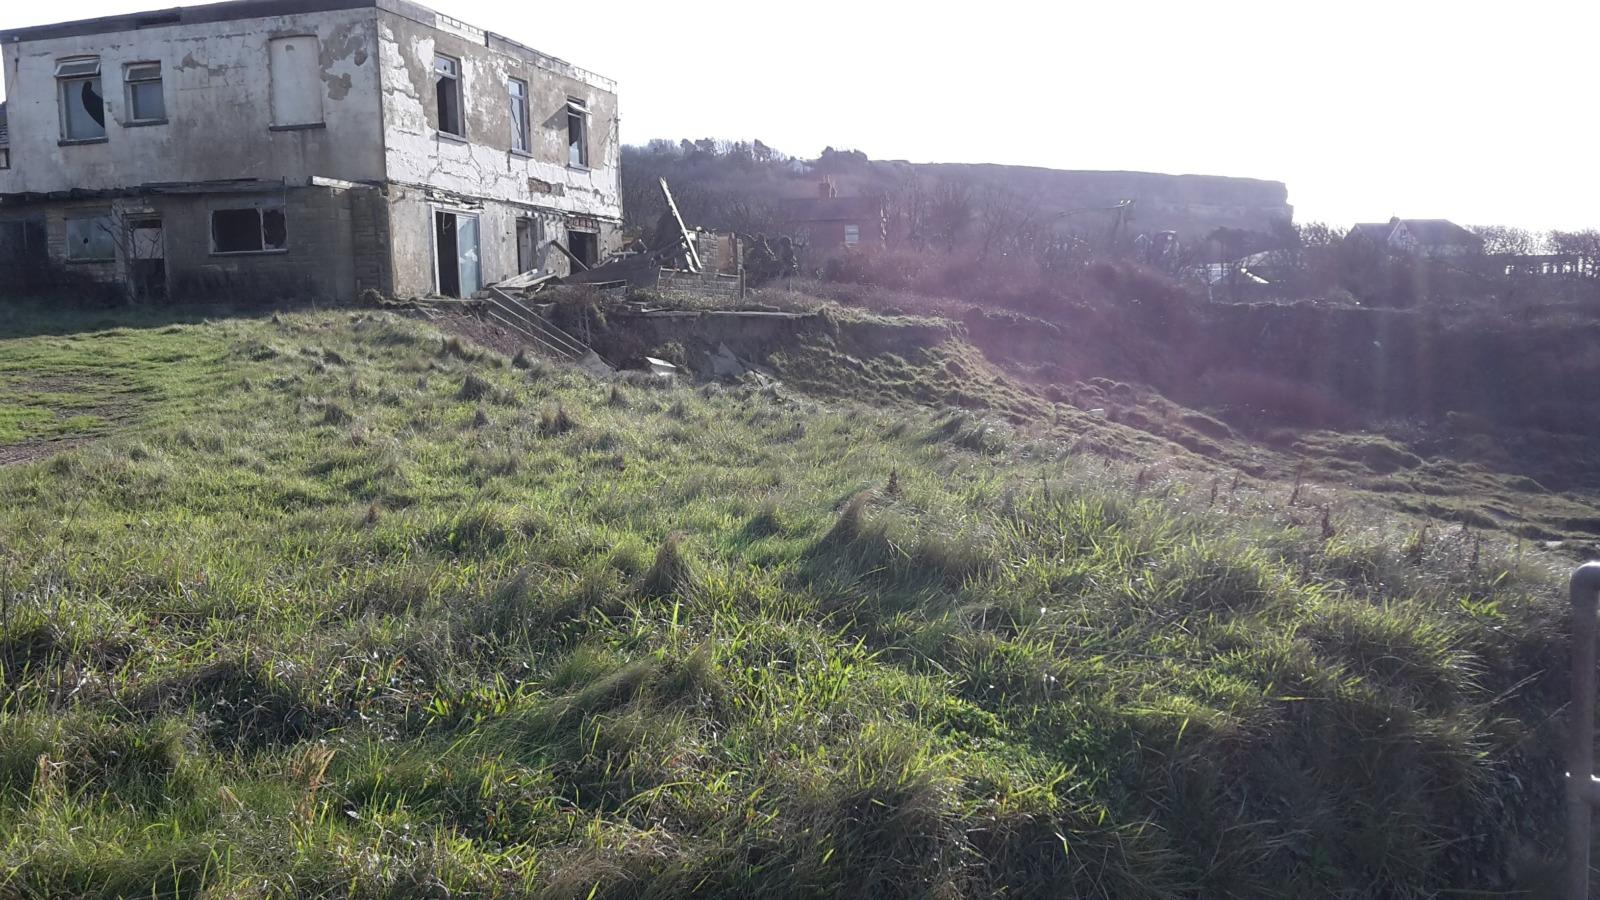 House on cliff edge